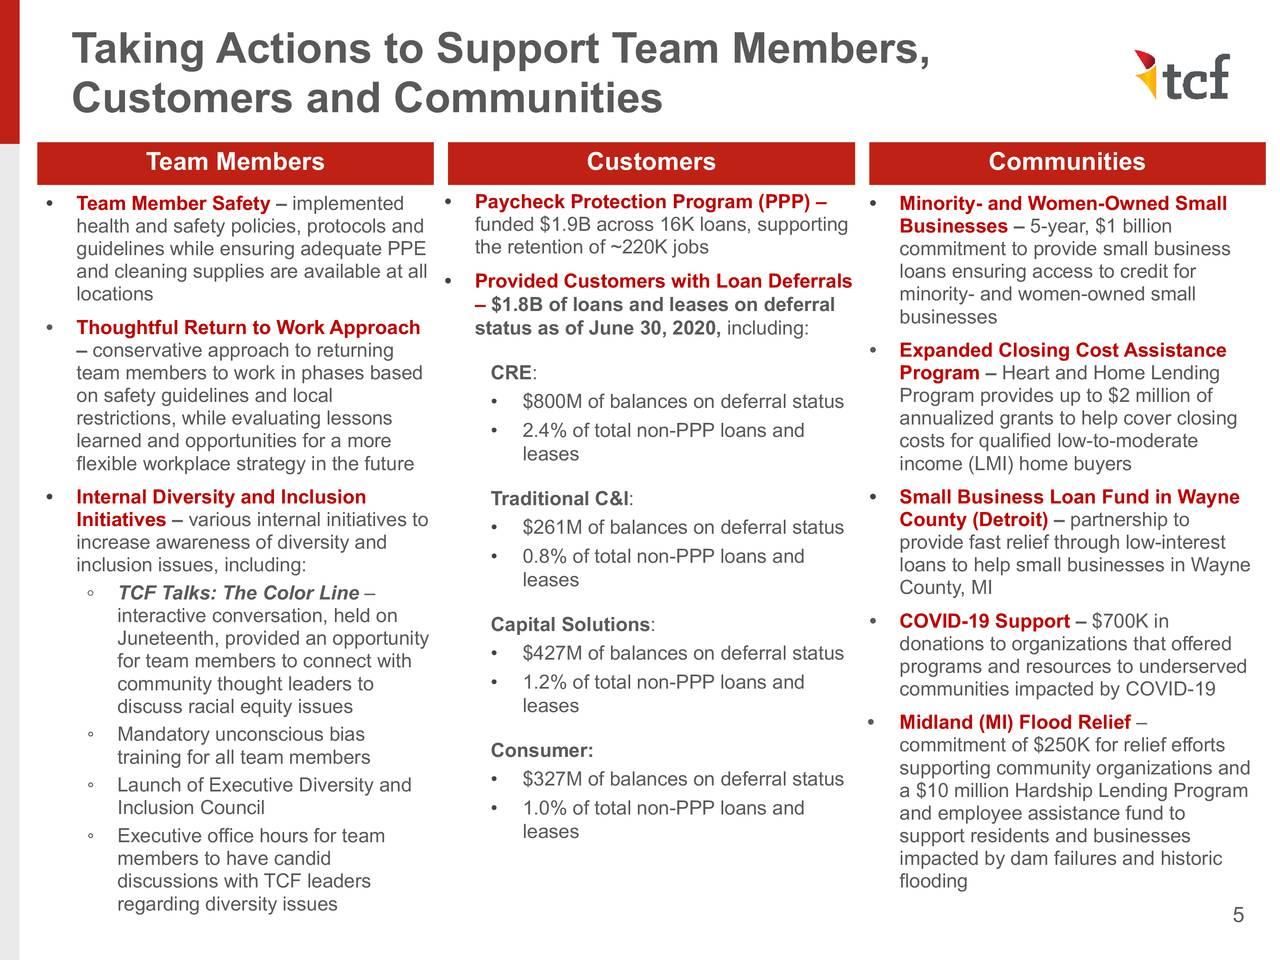 Tomar medidas para apoyar a los miembros del equipo,